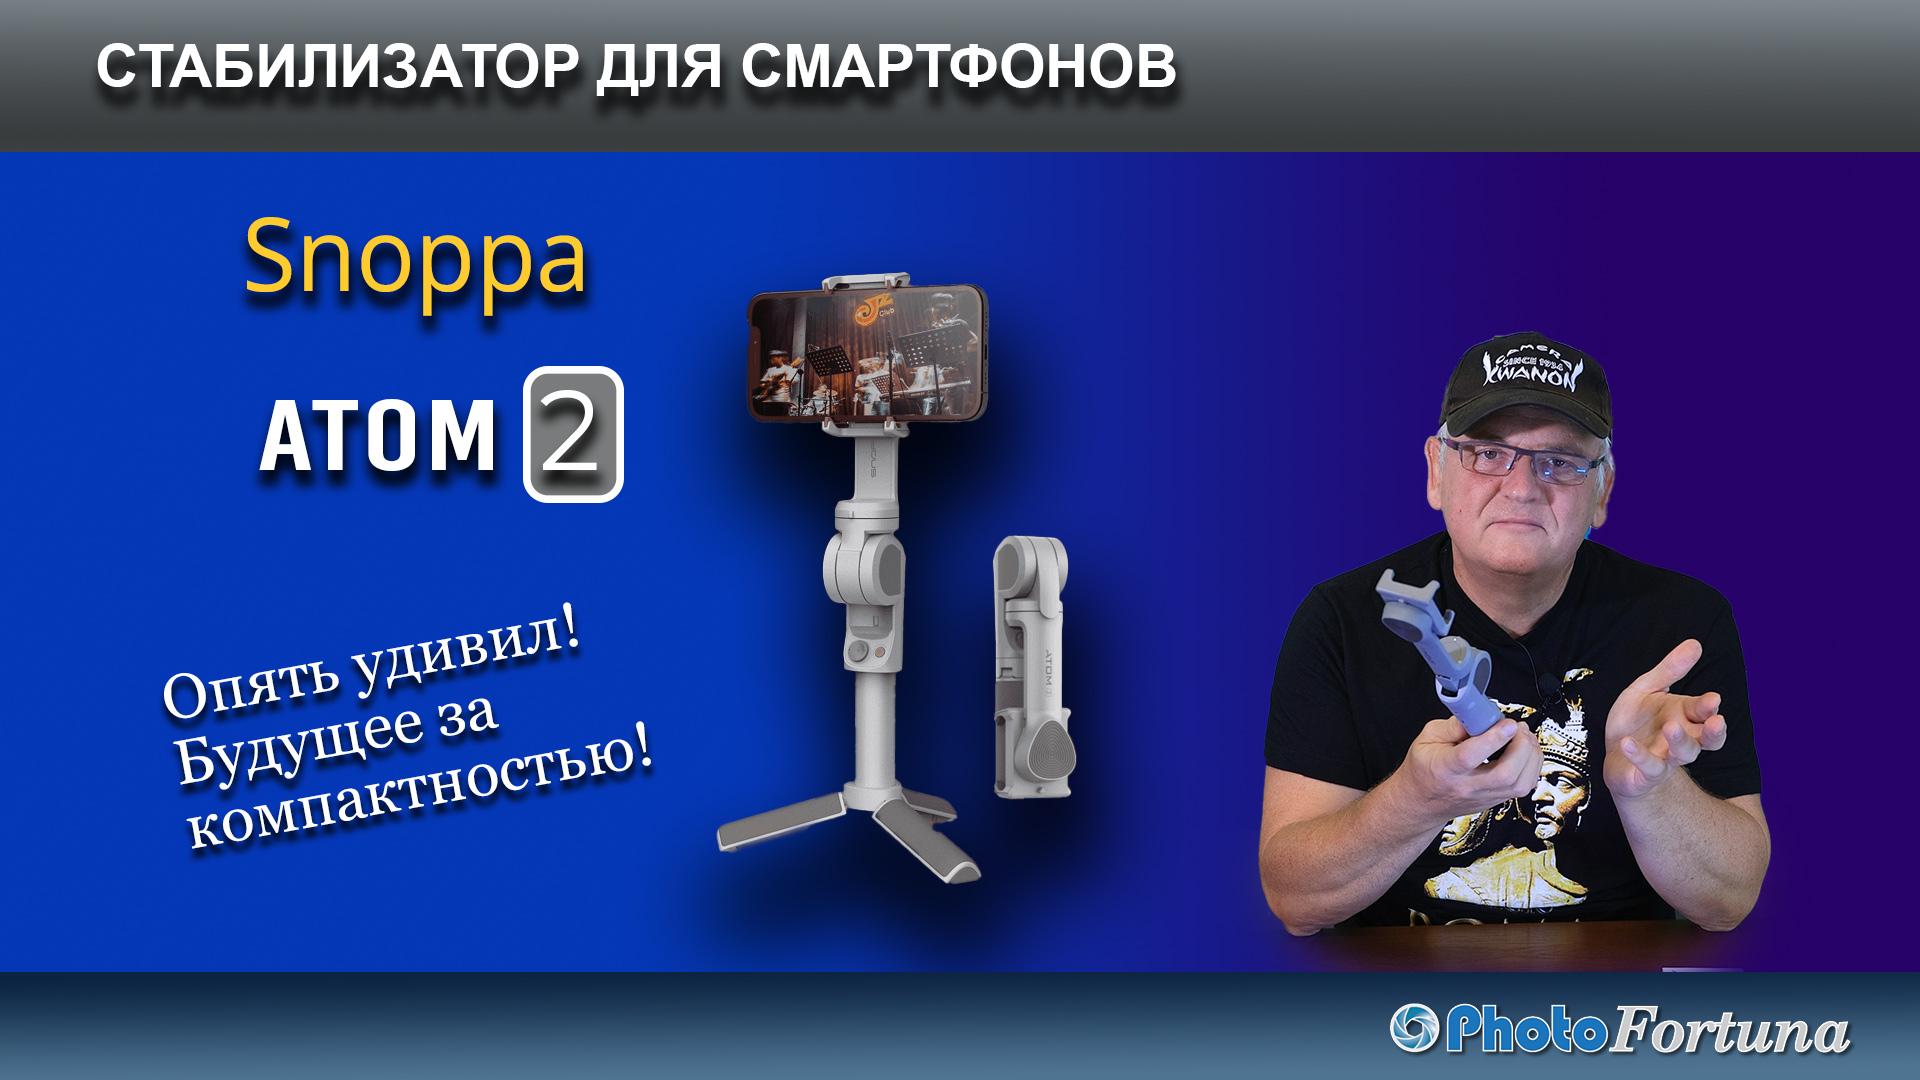 Read more about the article Новый стабилизатор Snoppa ATOM 2 компактный и не дорогой для смартфонов и мобильных